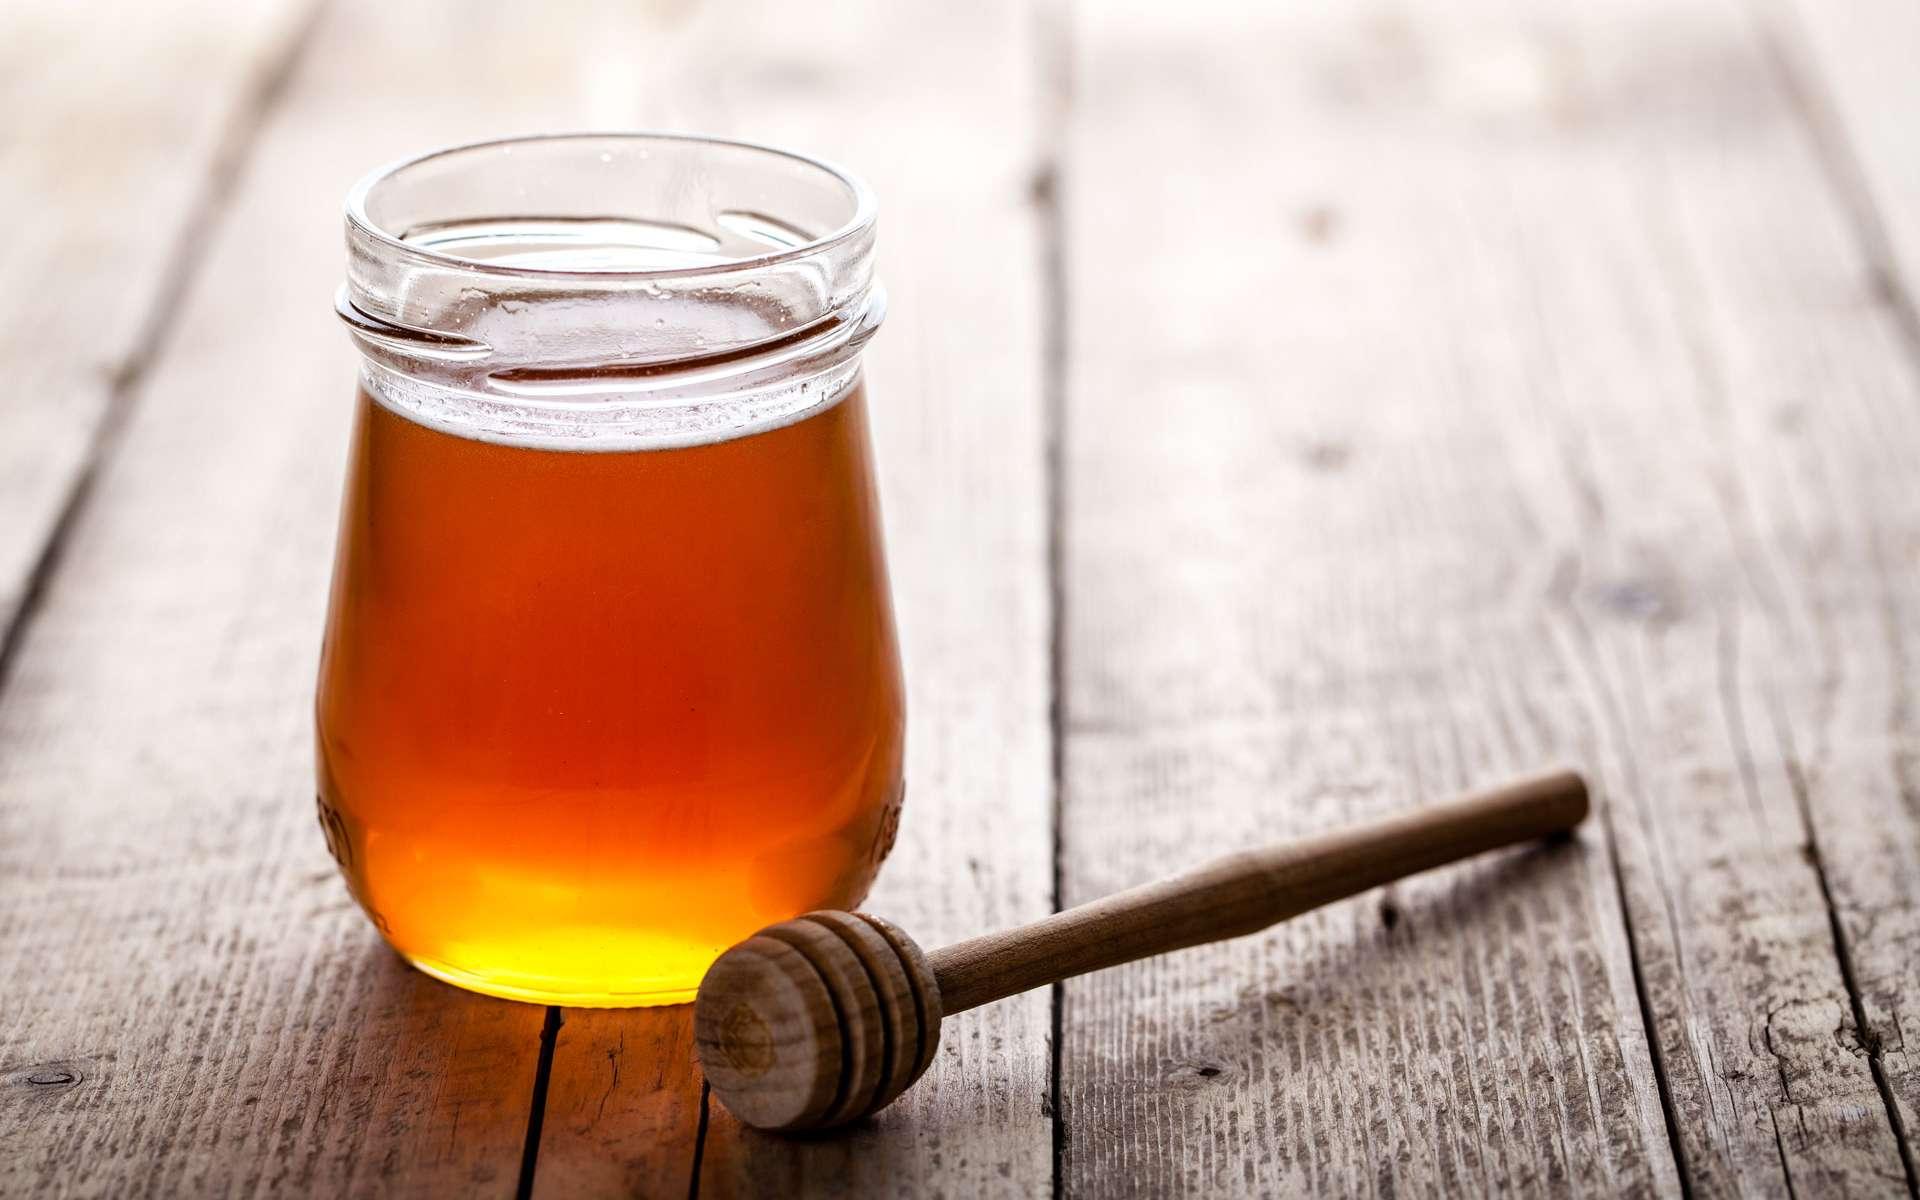 Un pot de miel posé sur une table avec une cuillère en bois ©serbogachuk